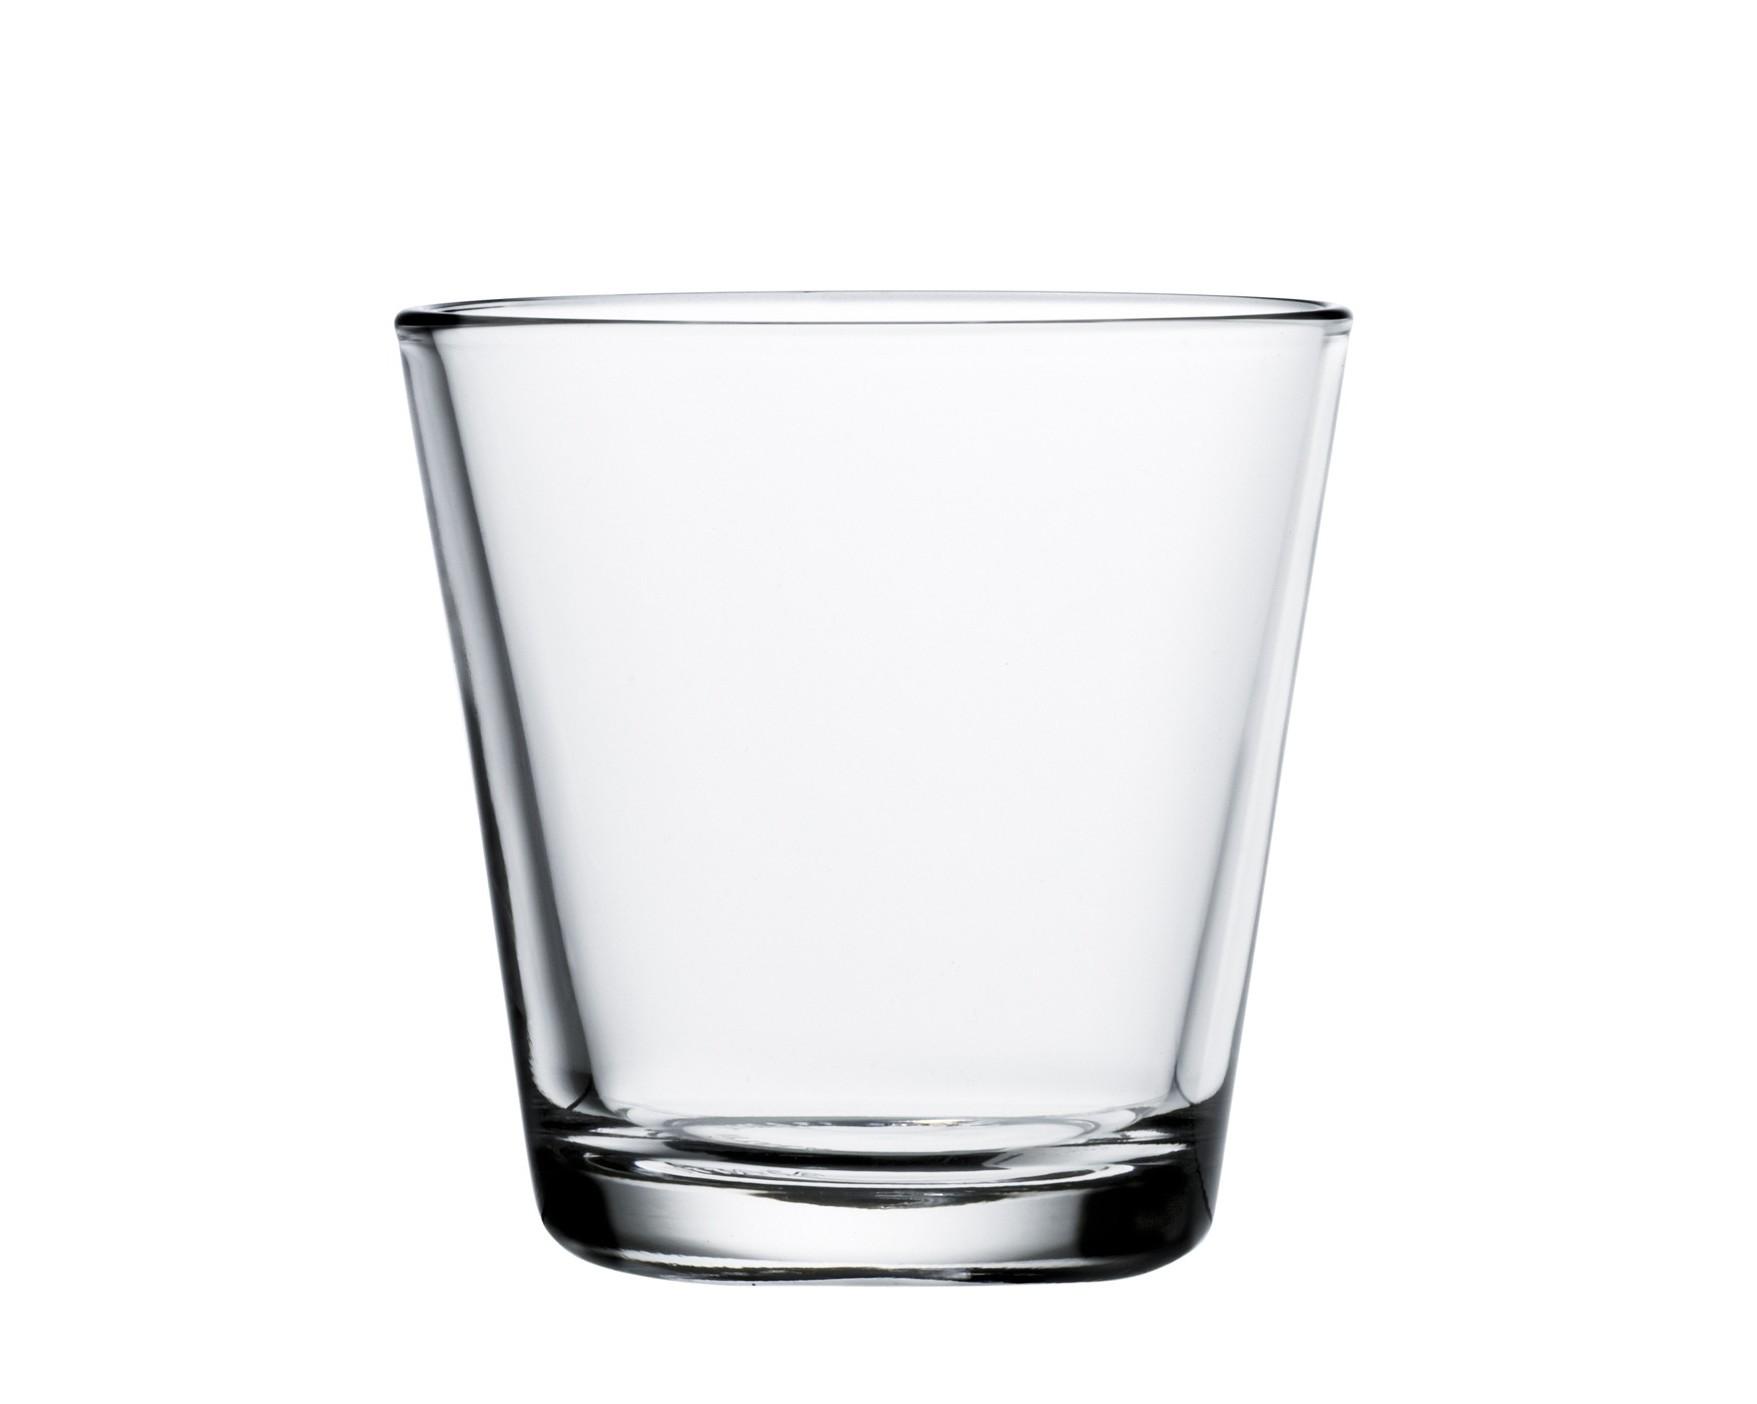 Стакан Kartio (2шт)Стаканы<br>Kartio является одним из творений выдающегося финского дизайнера Кая Франка, стиль которго отличался строгой геометричностью, лаконизмом и продуманными цветовыми решениями. Стаканы различных цветов, кувшины и чаши серии Kartio отлично подходит для ежедневного использования.<br><br>Material: Фарфор<br>Высота см: 8